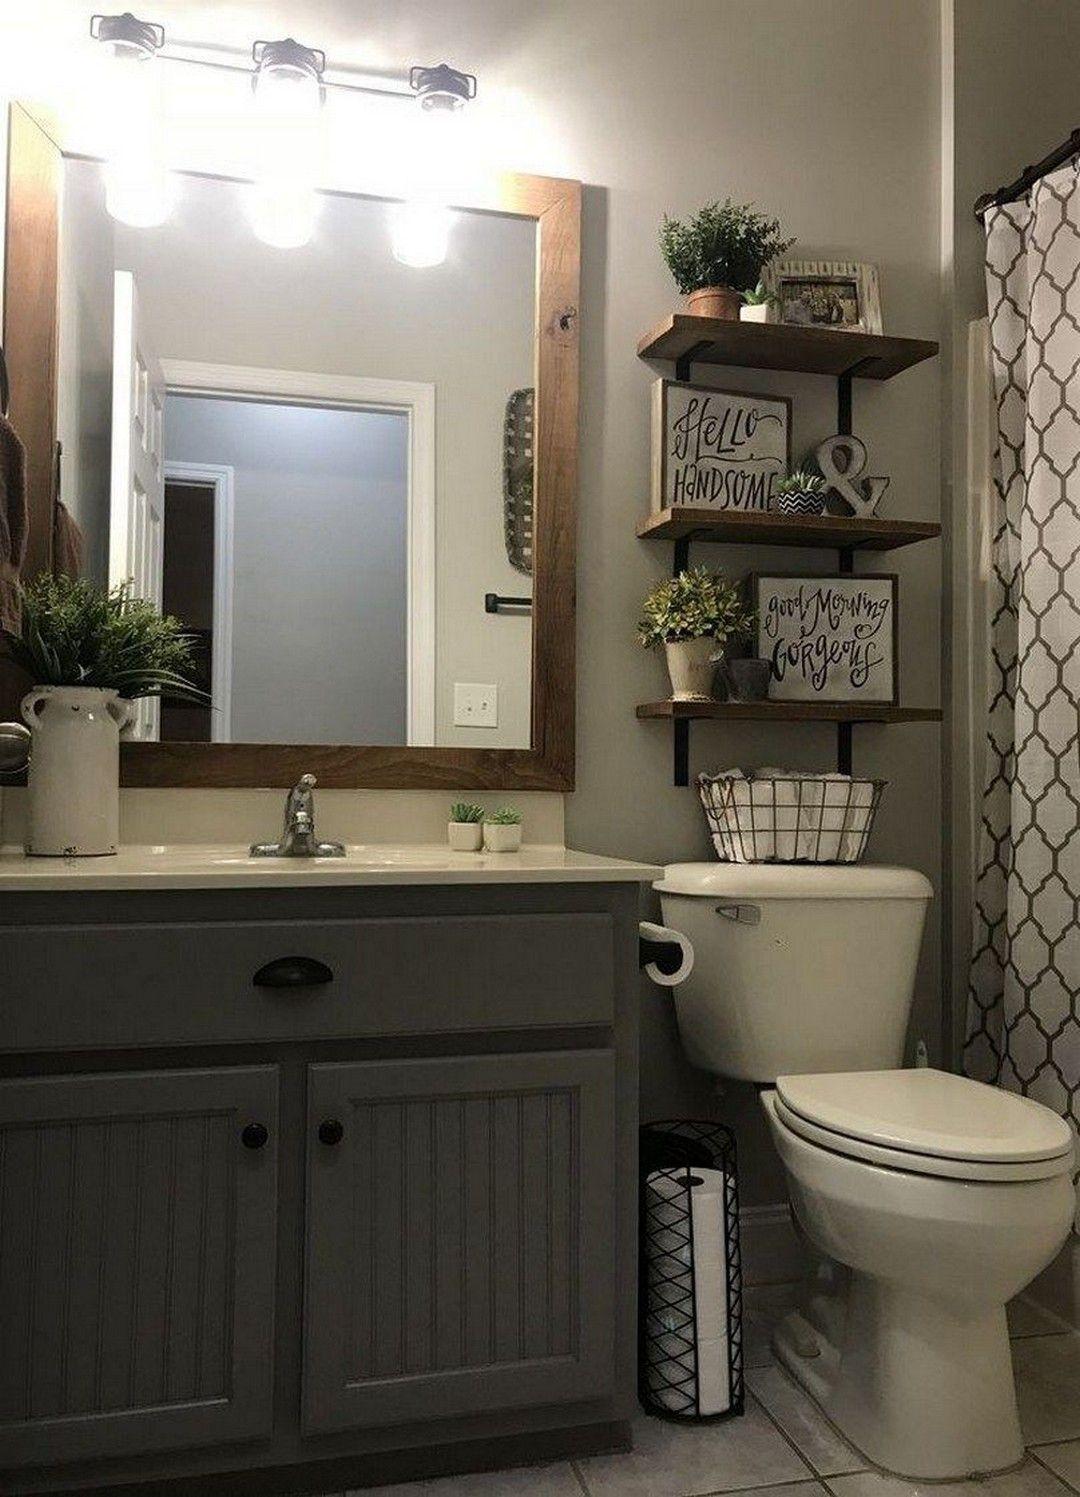 Gorgeous Farmhouse Bathroom Decor Ideas Match With Any ...